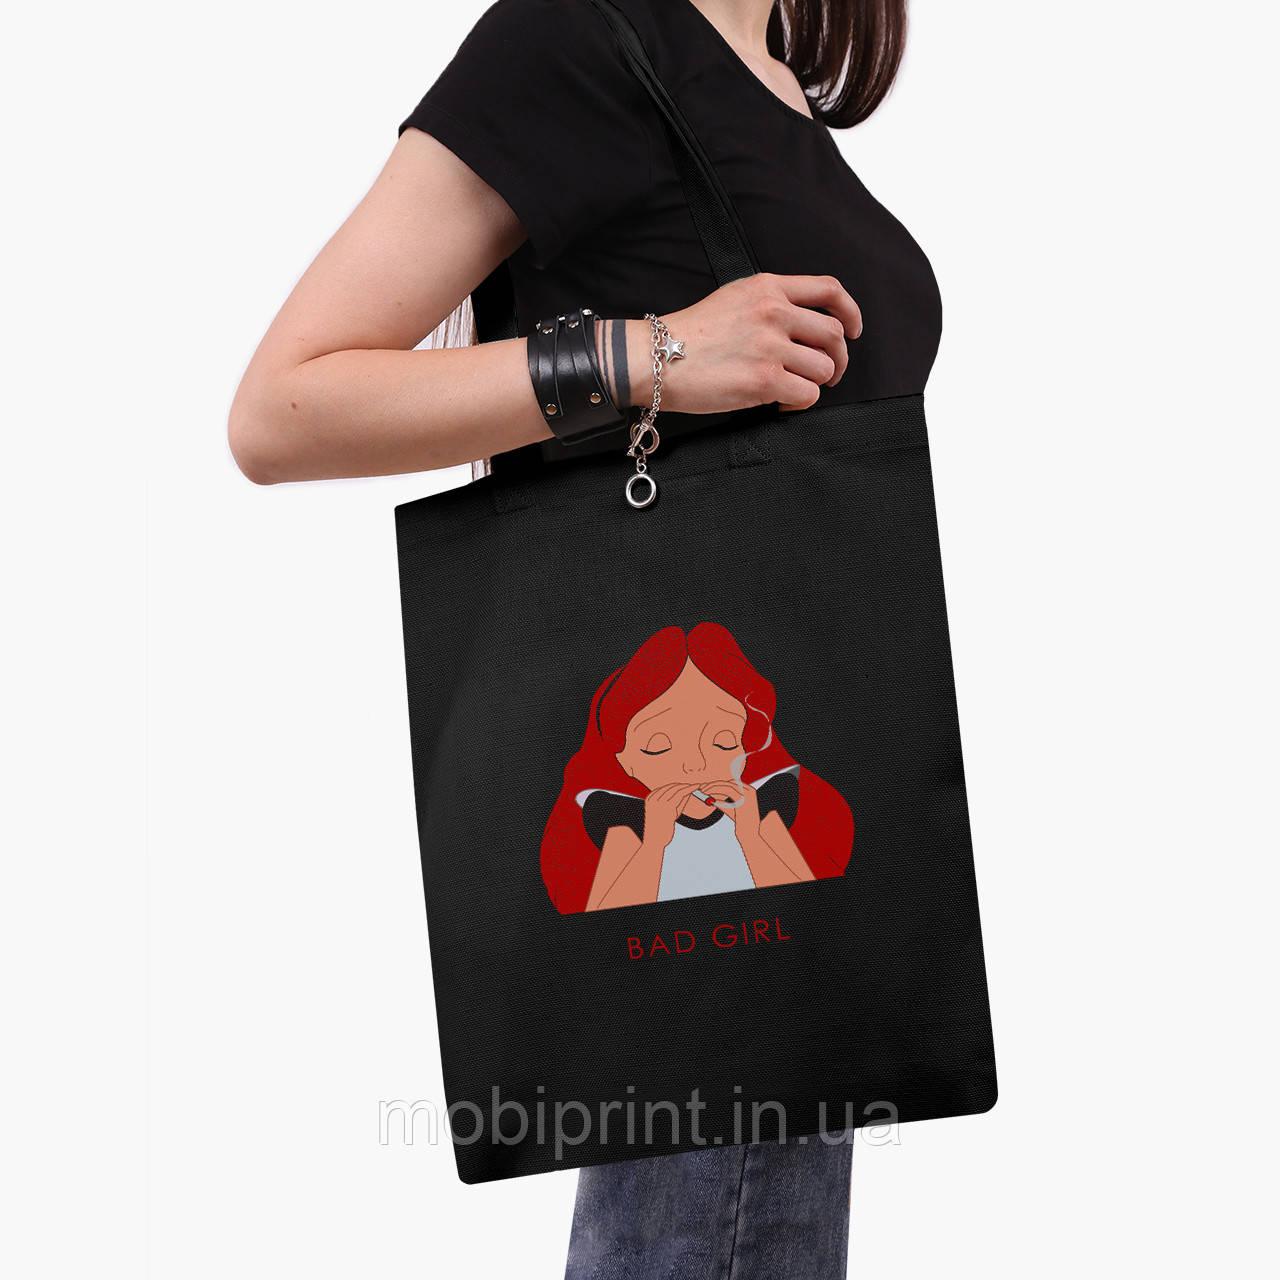 """Еко сумка шоппер чорна Аліса погана дівчинка """"Дісней"""" (Alice is a bad girl """"Disney"""") (9227-1441-2) 41*35 см"""